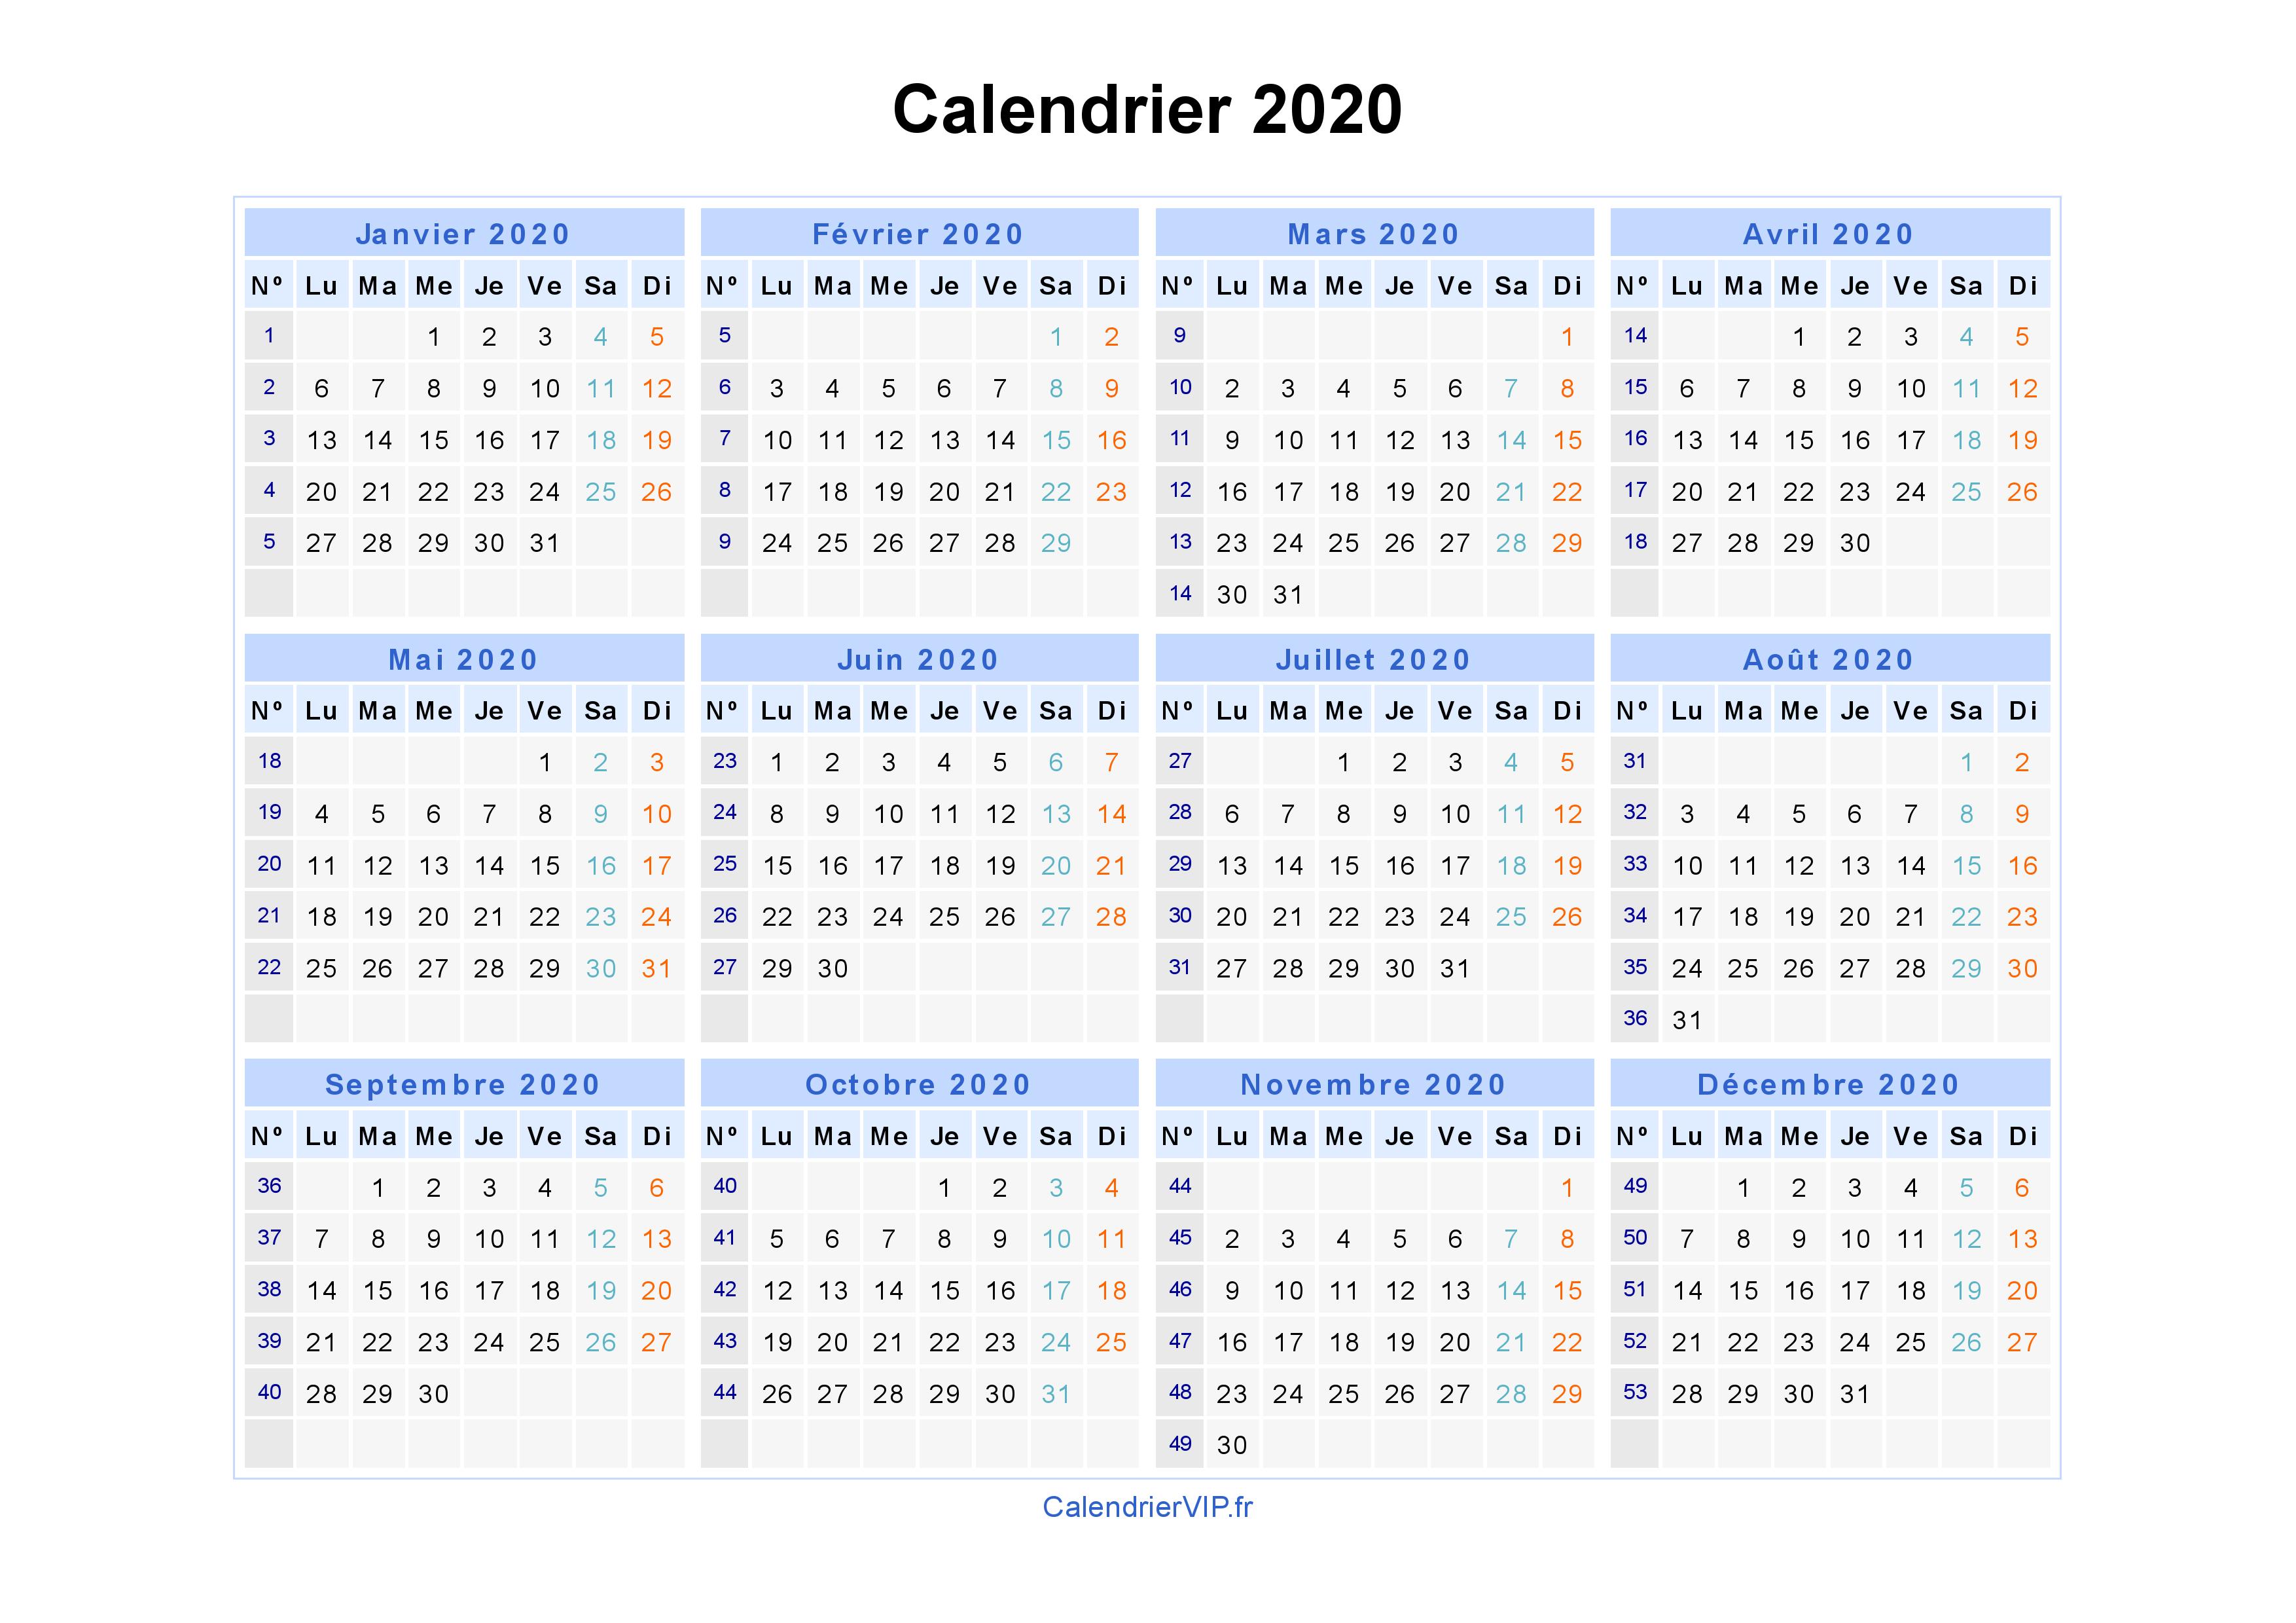 Calendrier 2020 Avec Photos.Calendrier 2020 A Imprimer Gratuit En Pdf Et Excel